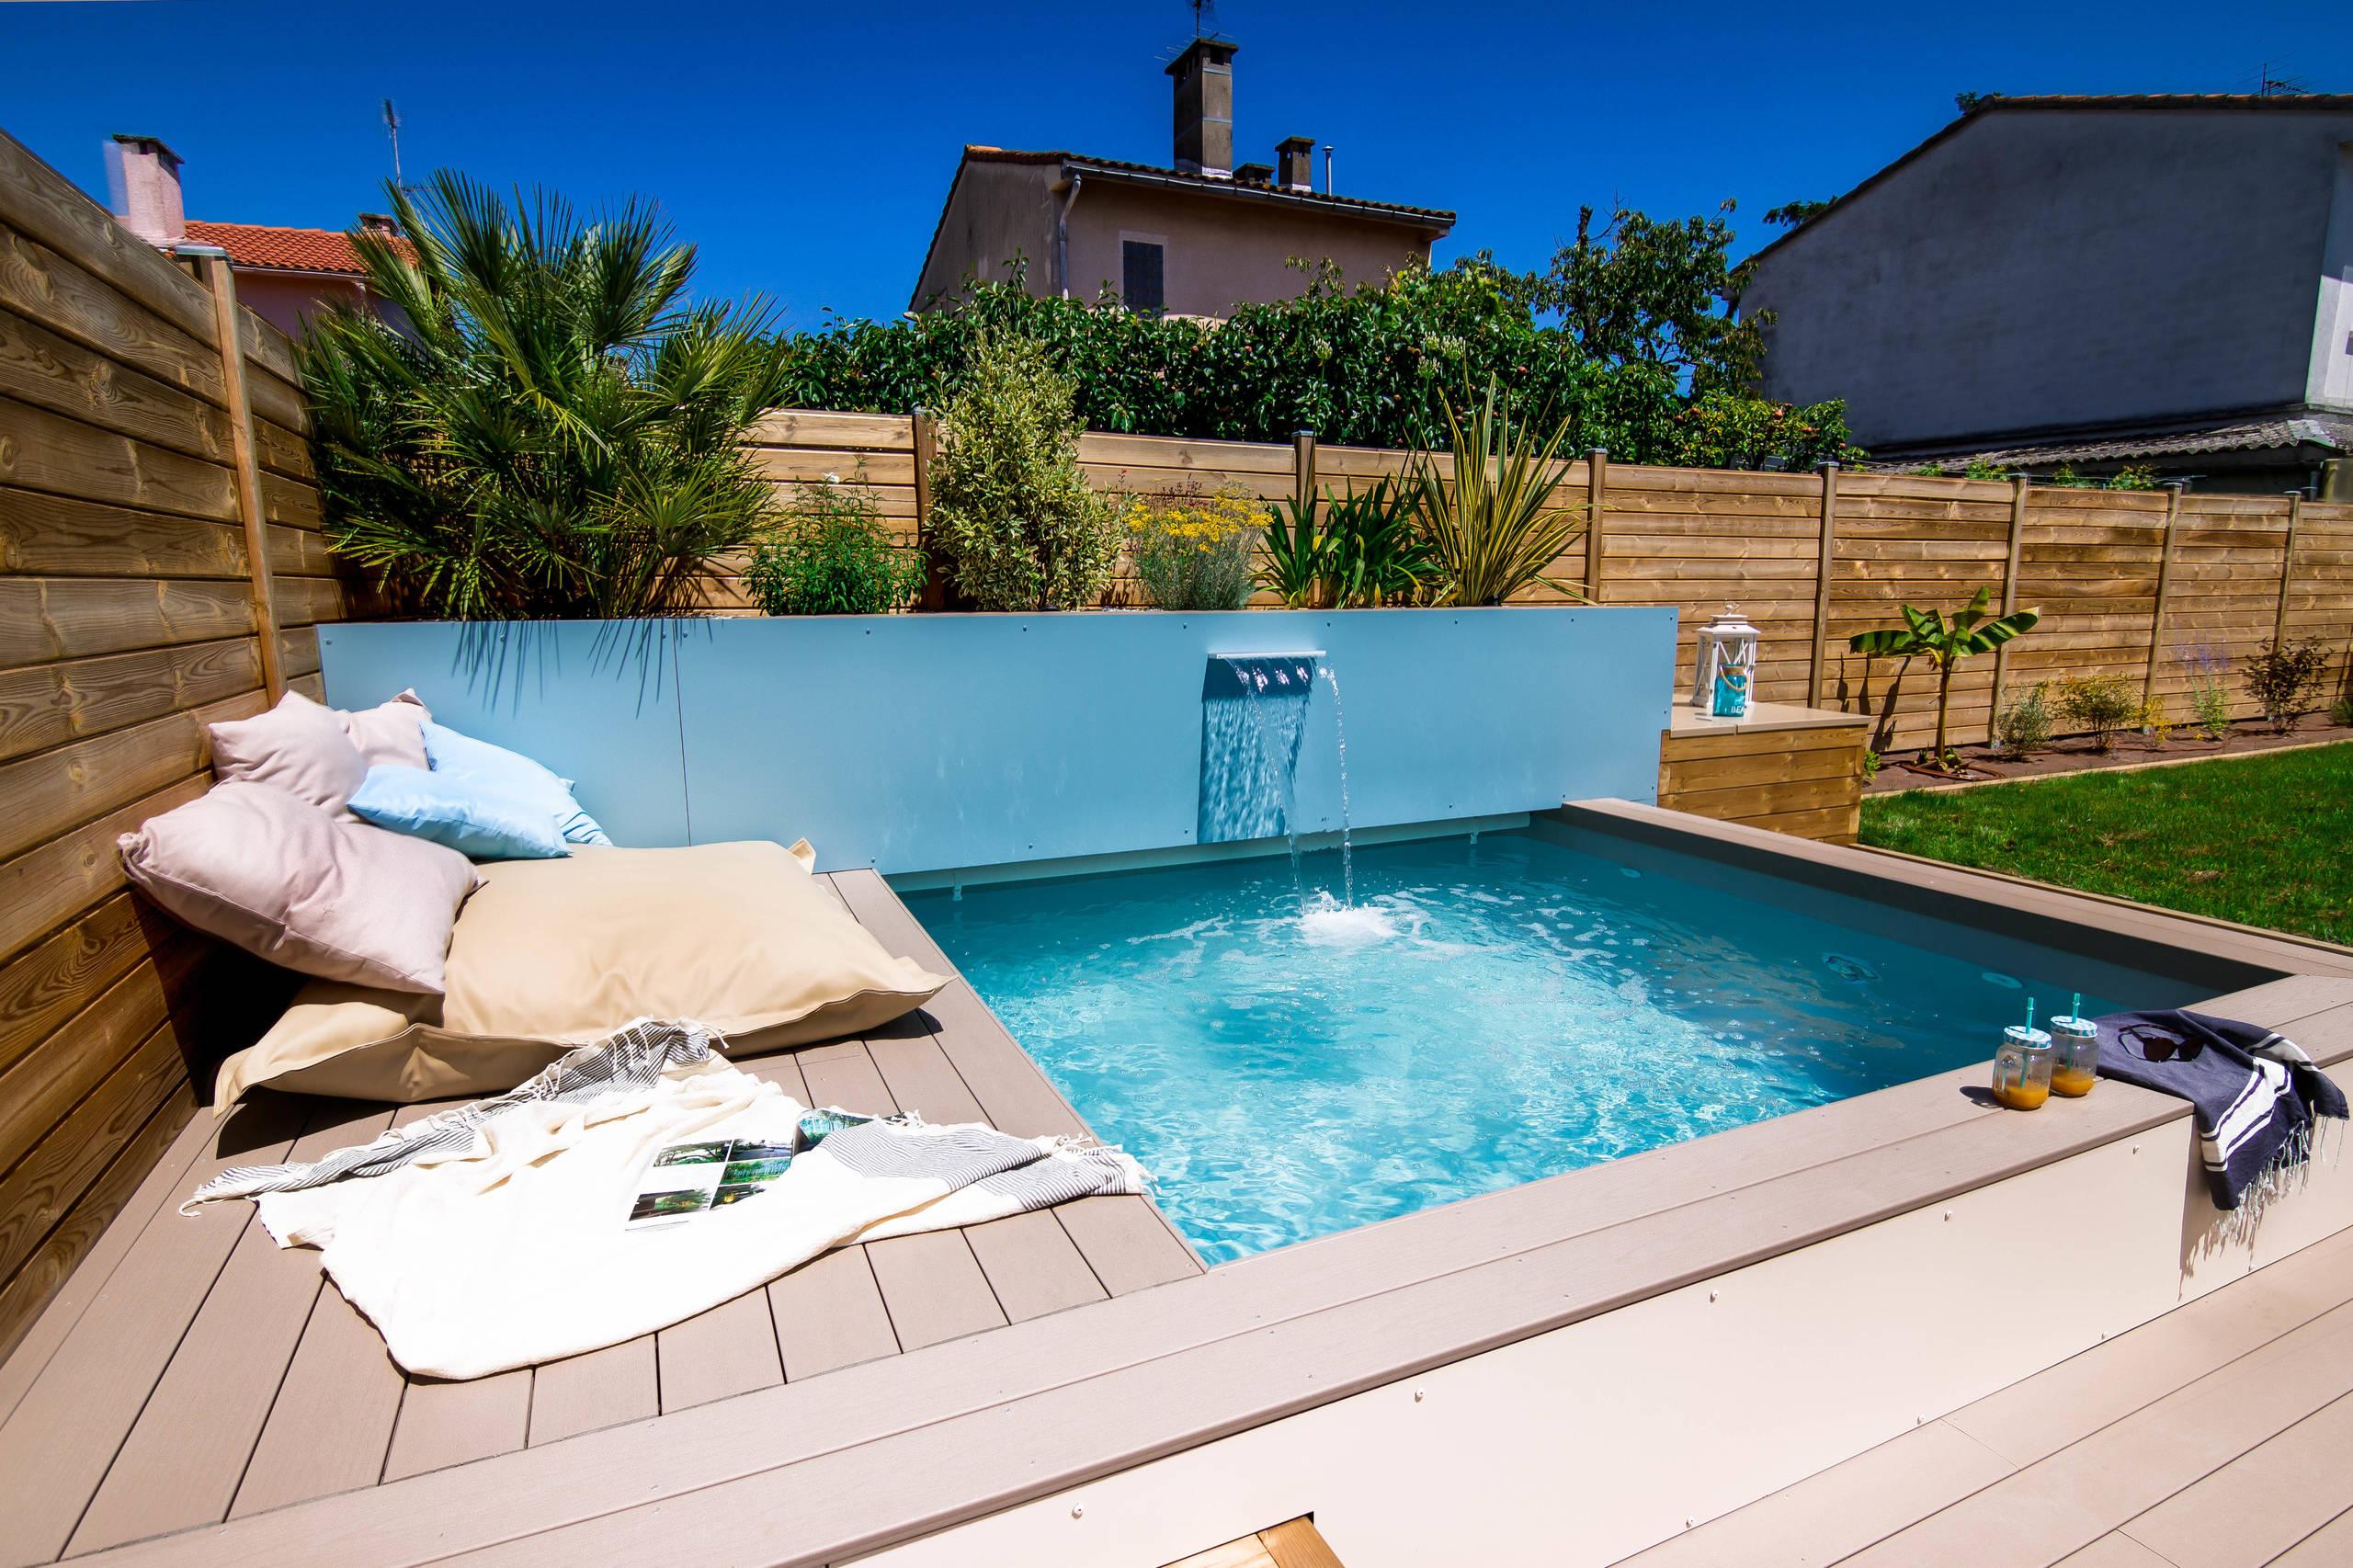 Ideen für kleine Pools – mit riesigem Badespaß